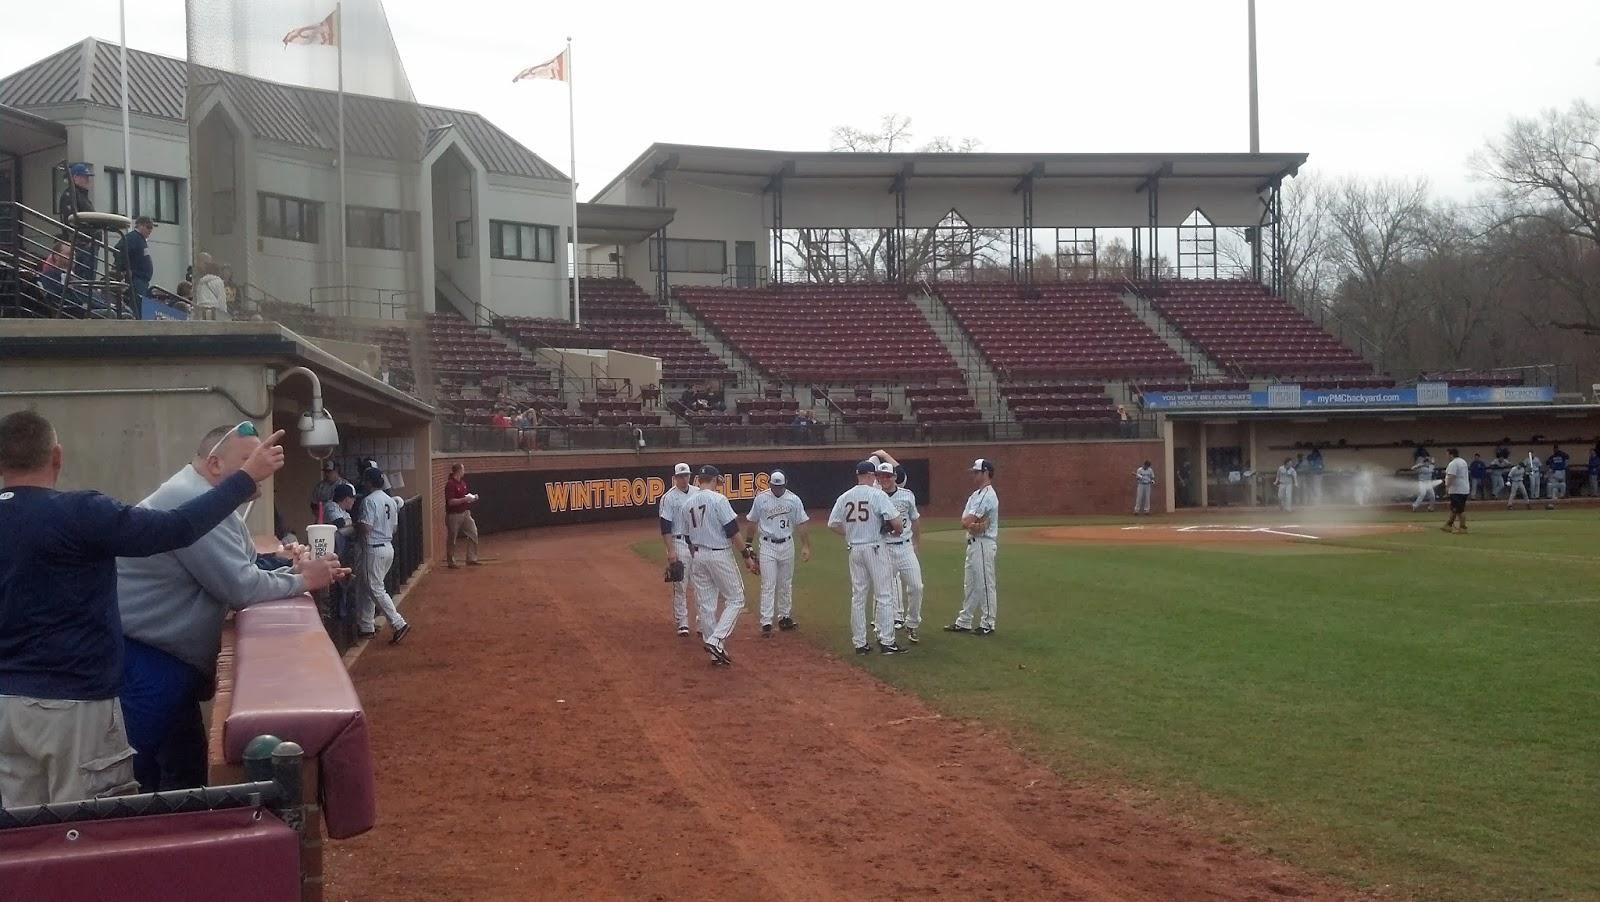 Winthrop Baseball Locker Room